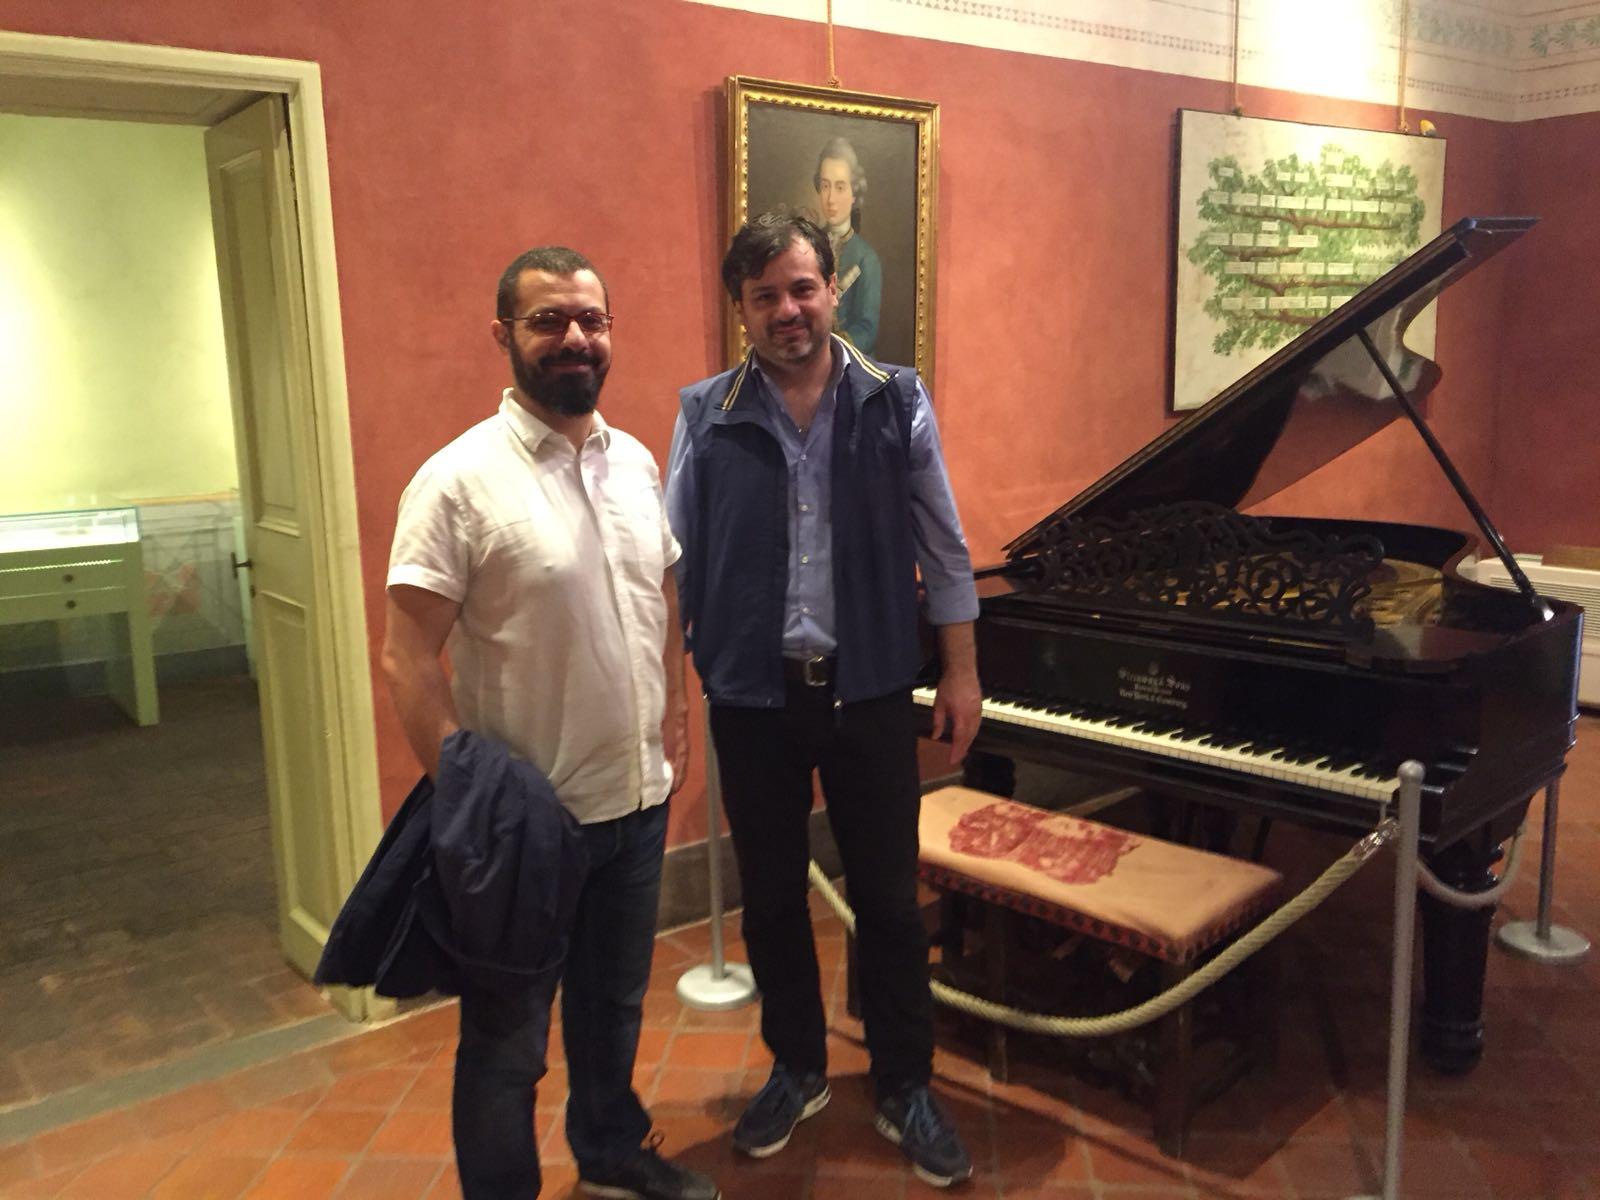 with composer Girolamo Deraco, Lucca 2018